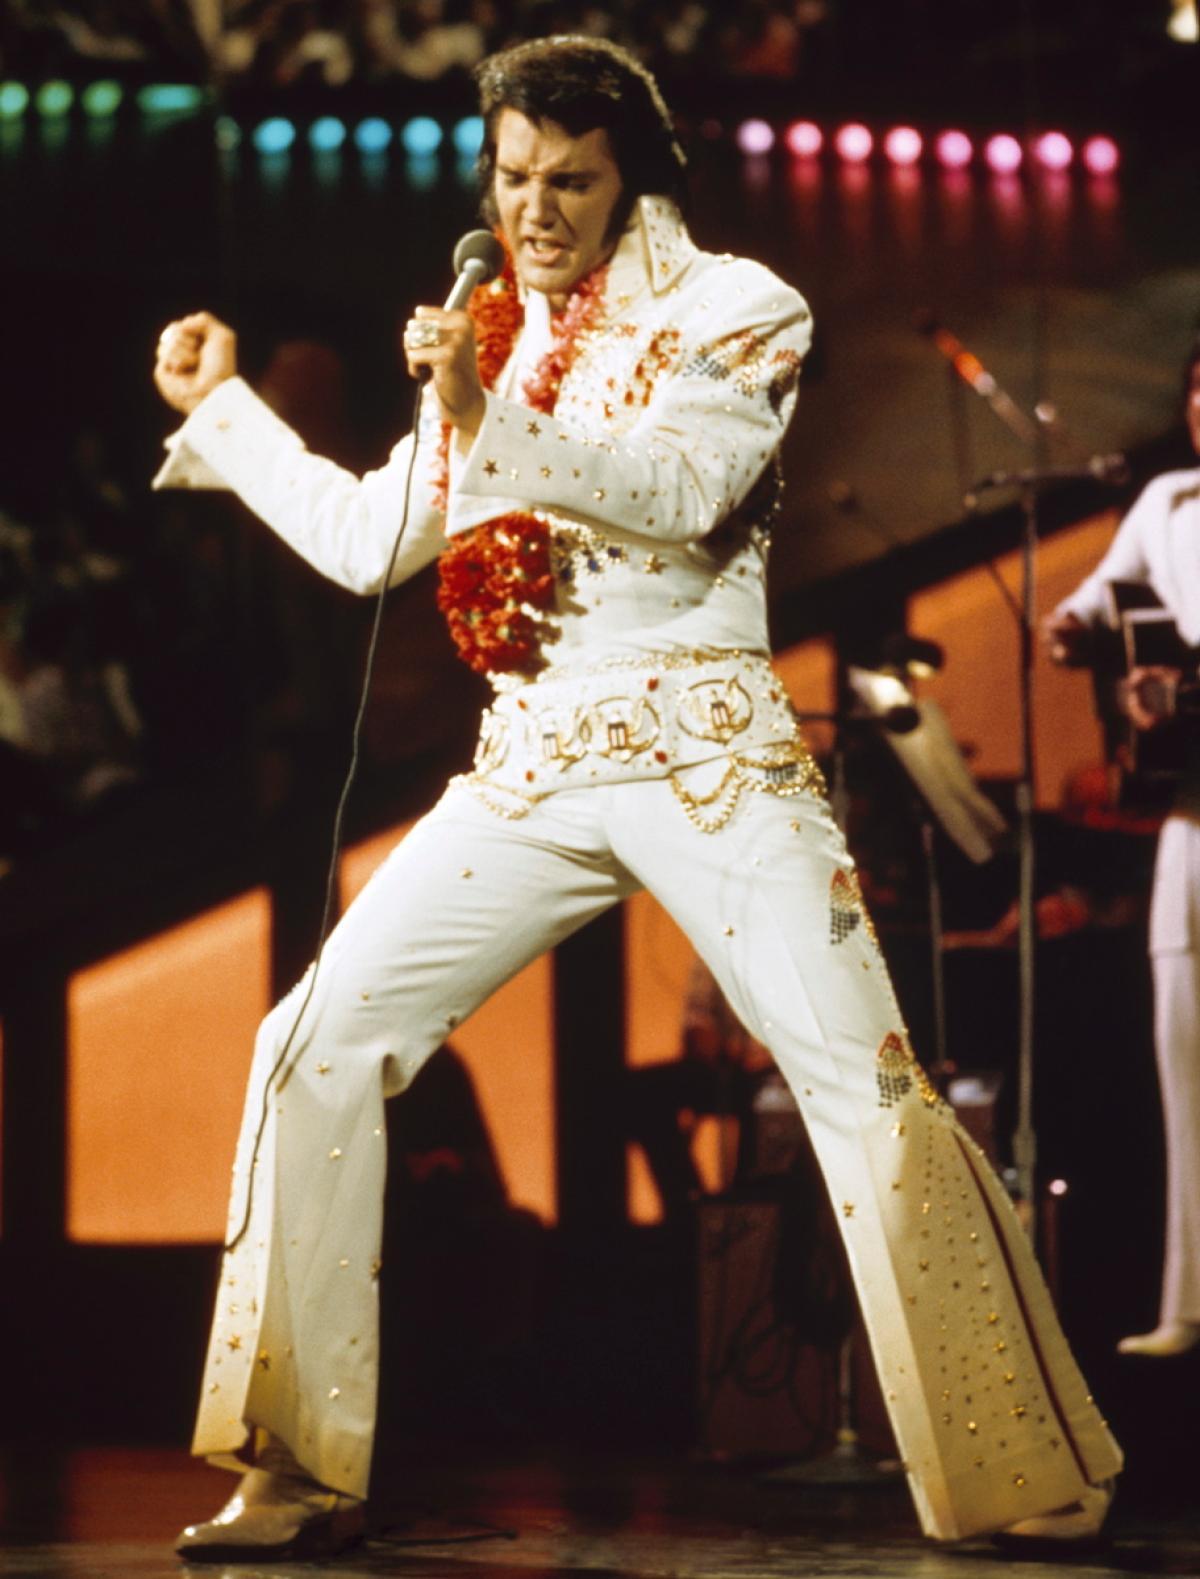 เอลวิส เพรสลี่ย์ (Elvis Presley) คนดังที่เคยล้มเหลว